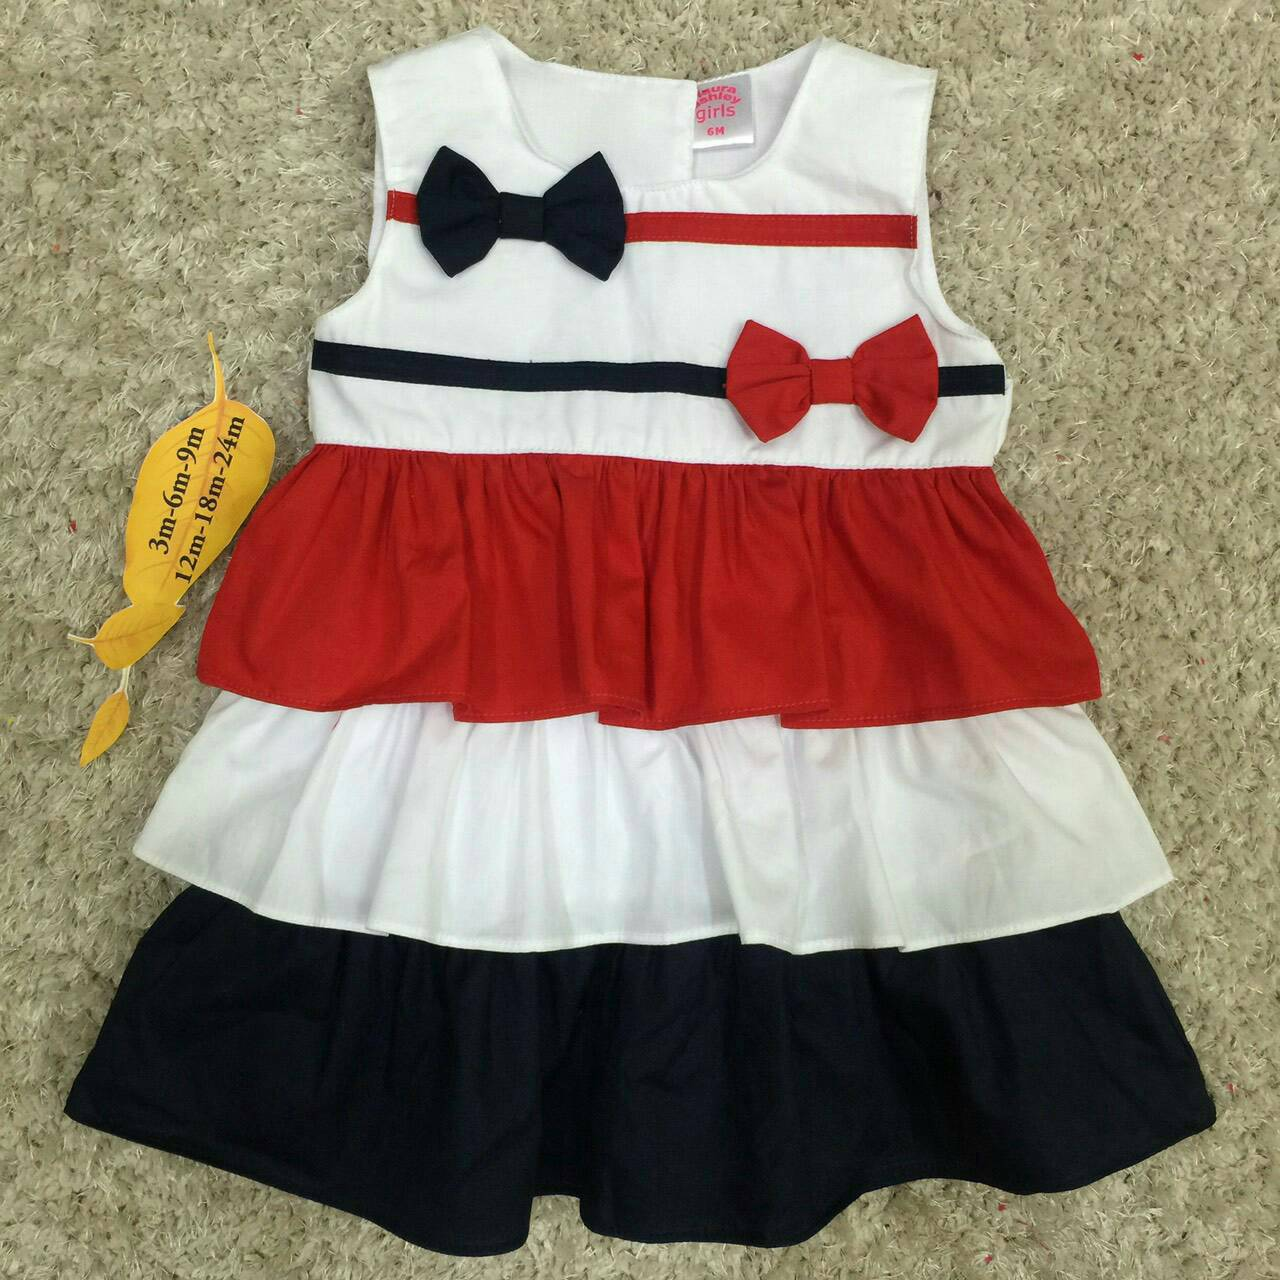 เสื้อผ้าเด็ก (พร้อมส่ง!!) 170460-9